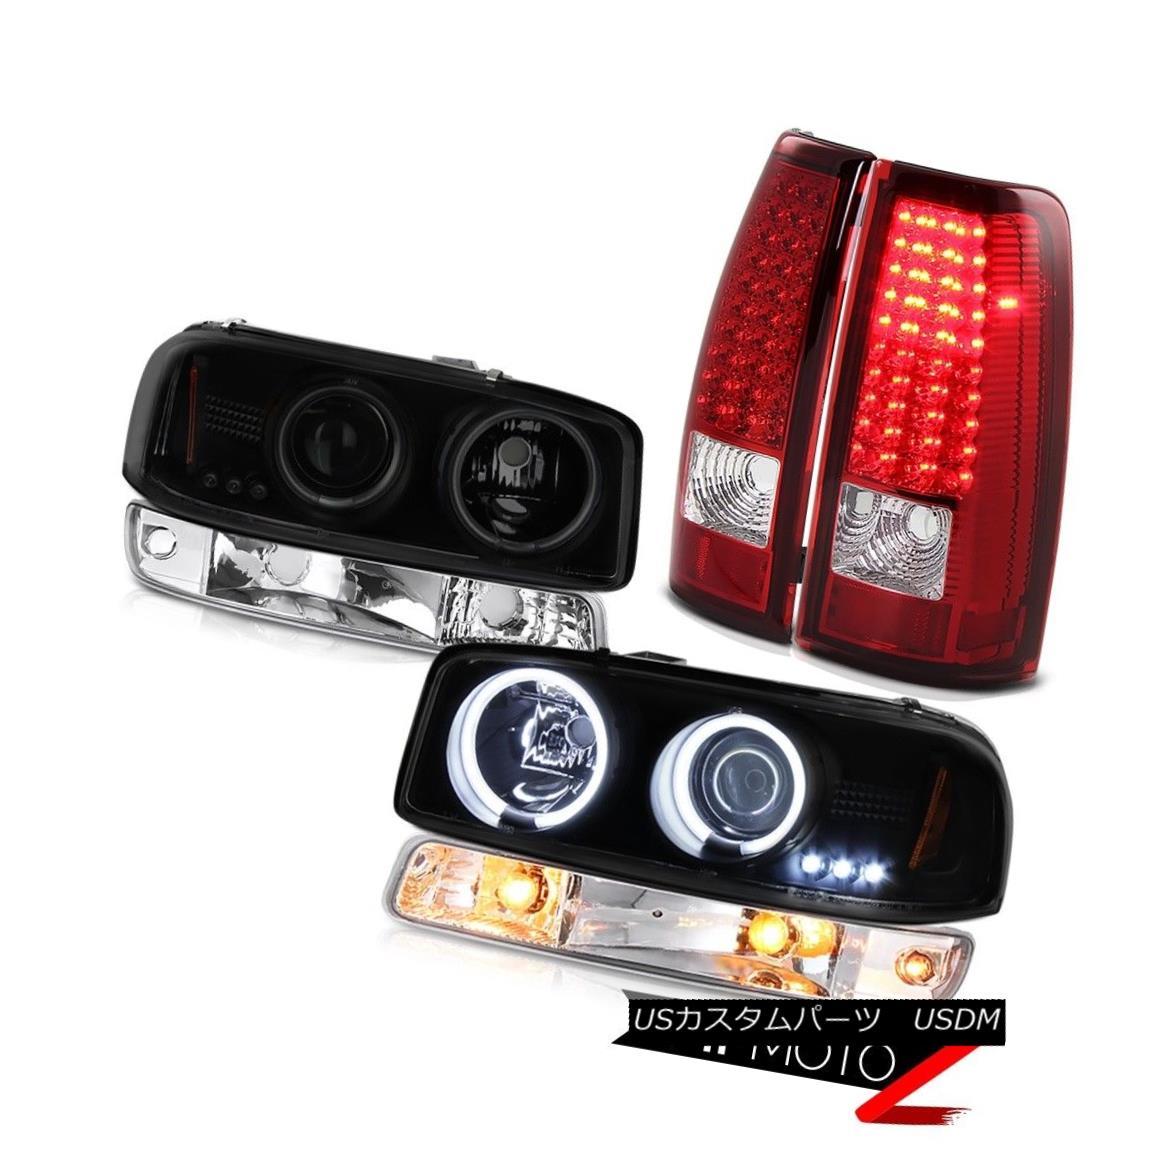 テールライト 99-06 Sierra 1500 Taillamps parking light smoke tinted ccfl headlamps LED SMD 99-06 Sierra 1500 Taillamps灯火灯煙灯ccflヘッドライトLED SMD